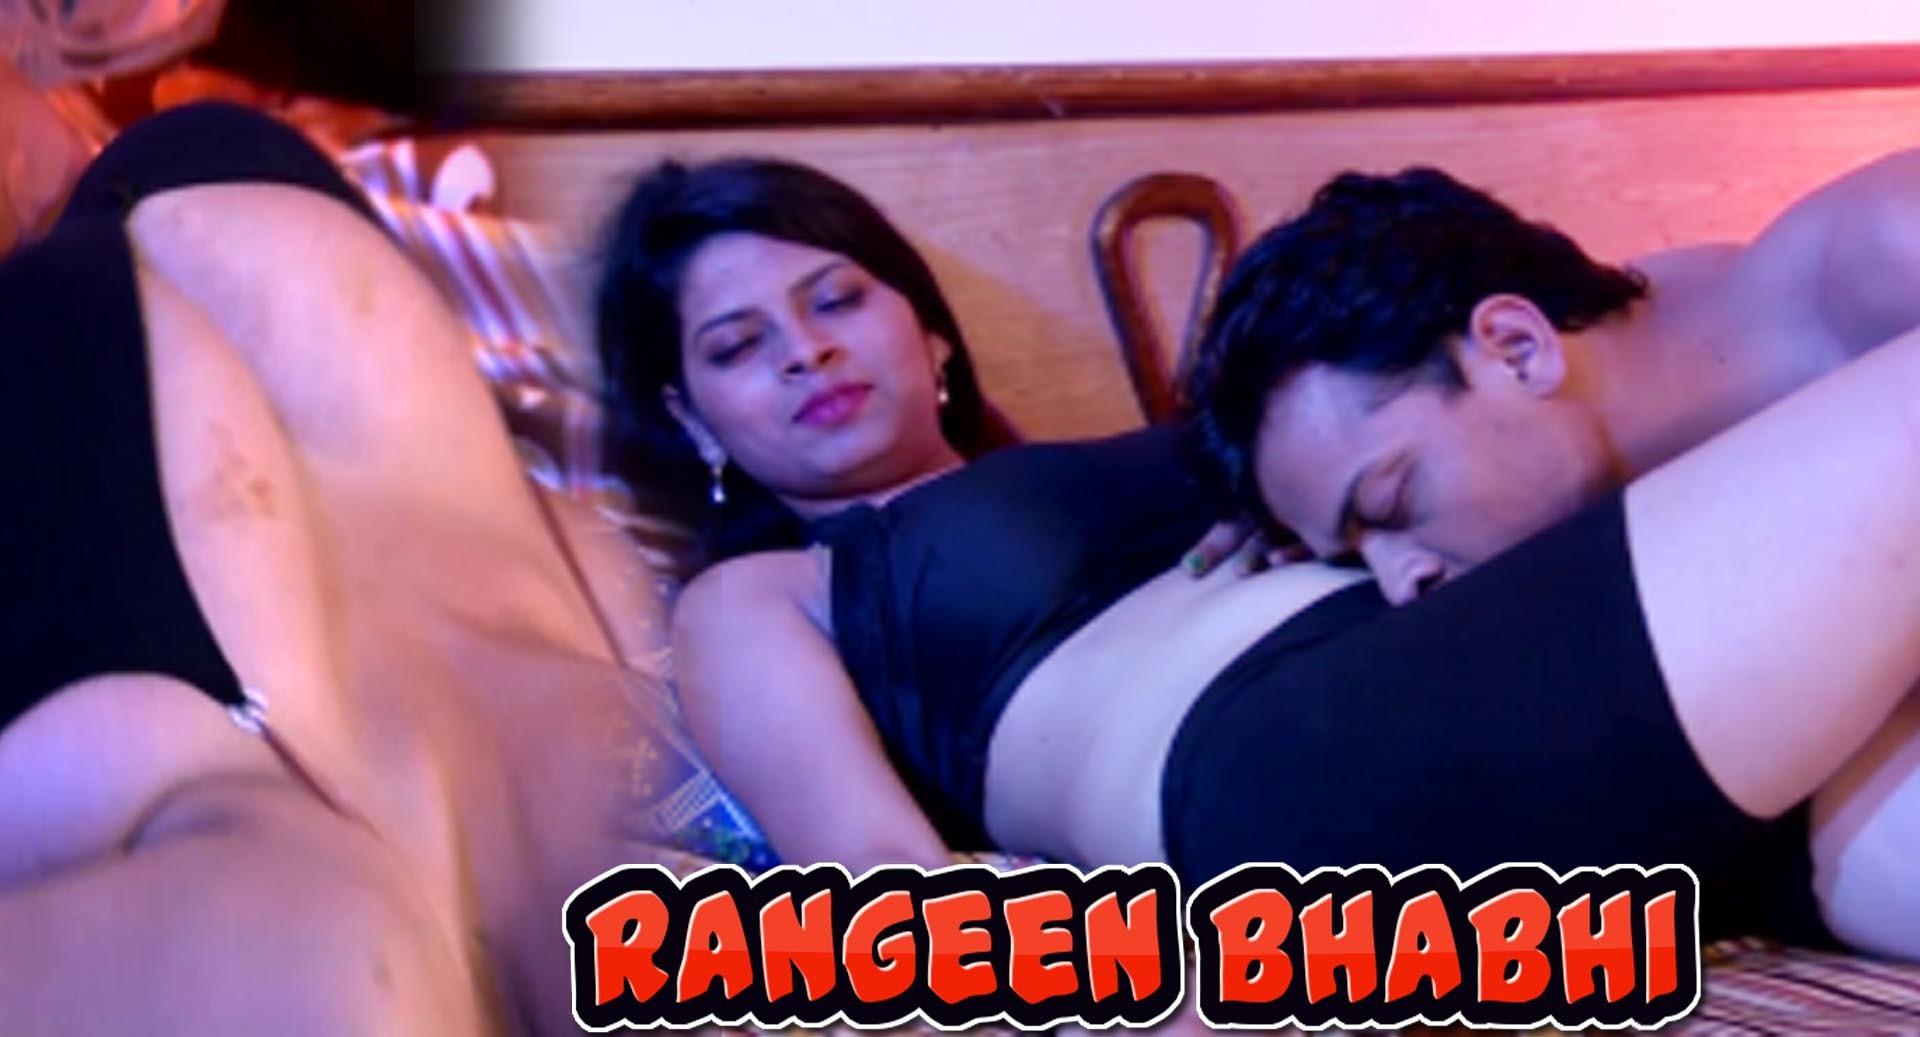 Rangeen Bhabhi – 2021 – Hindi Hot Short Film